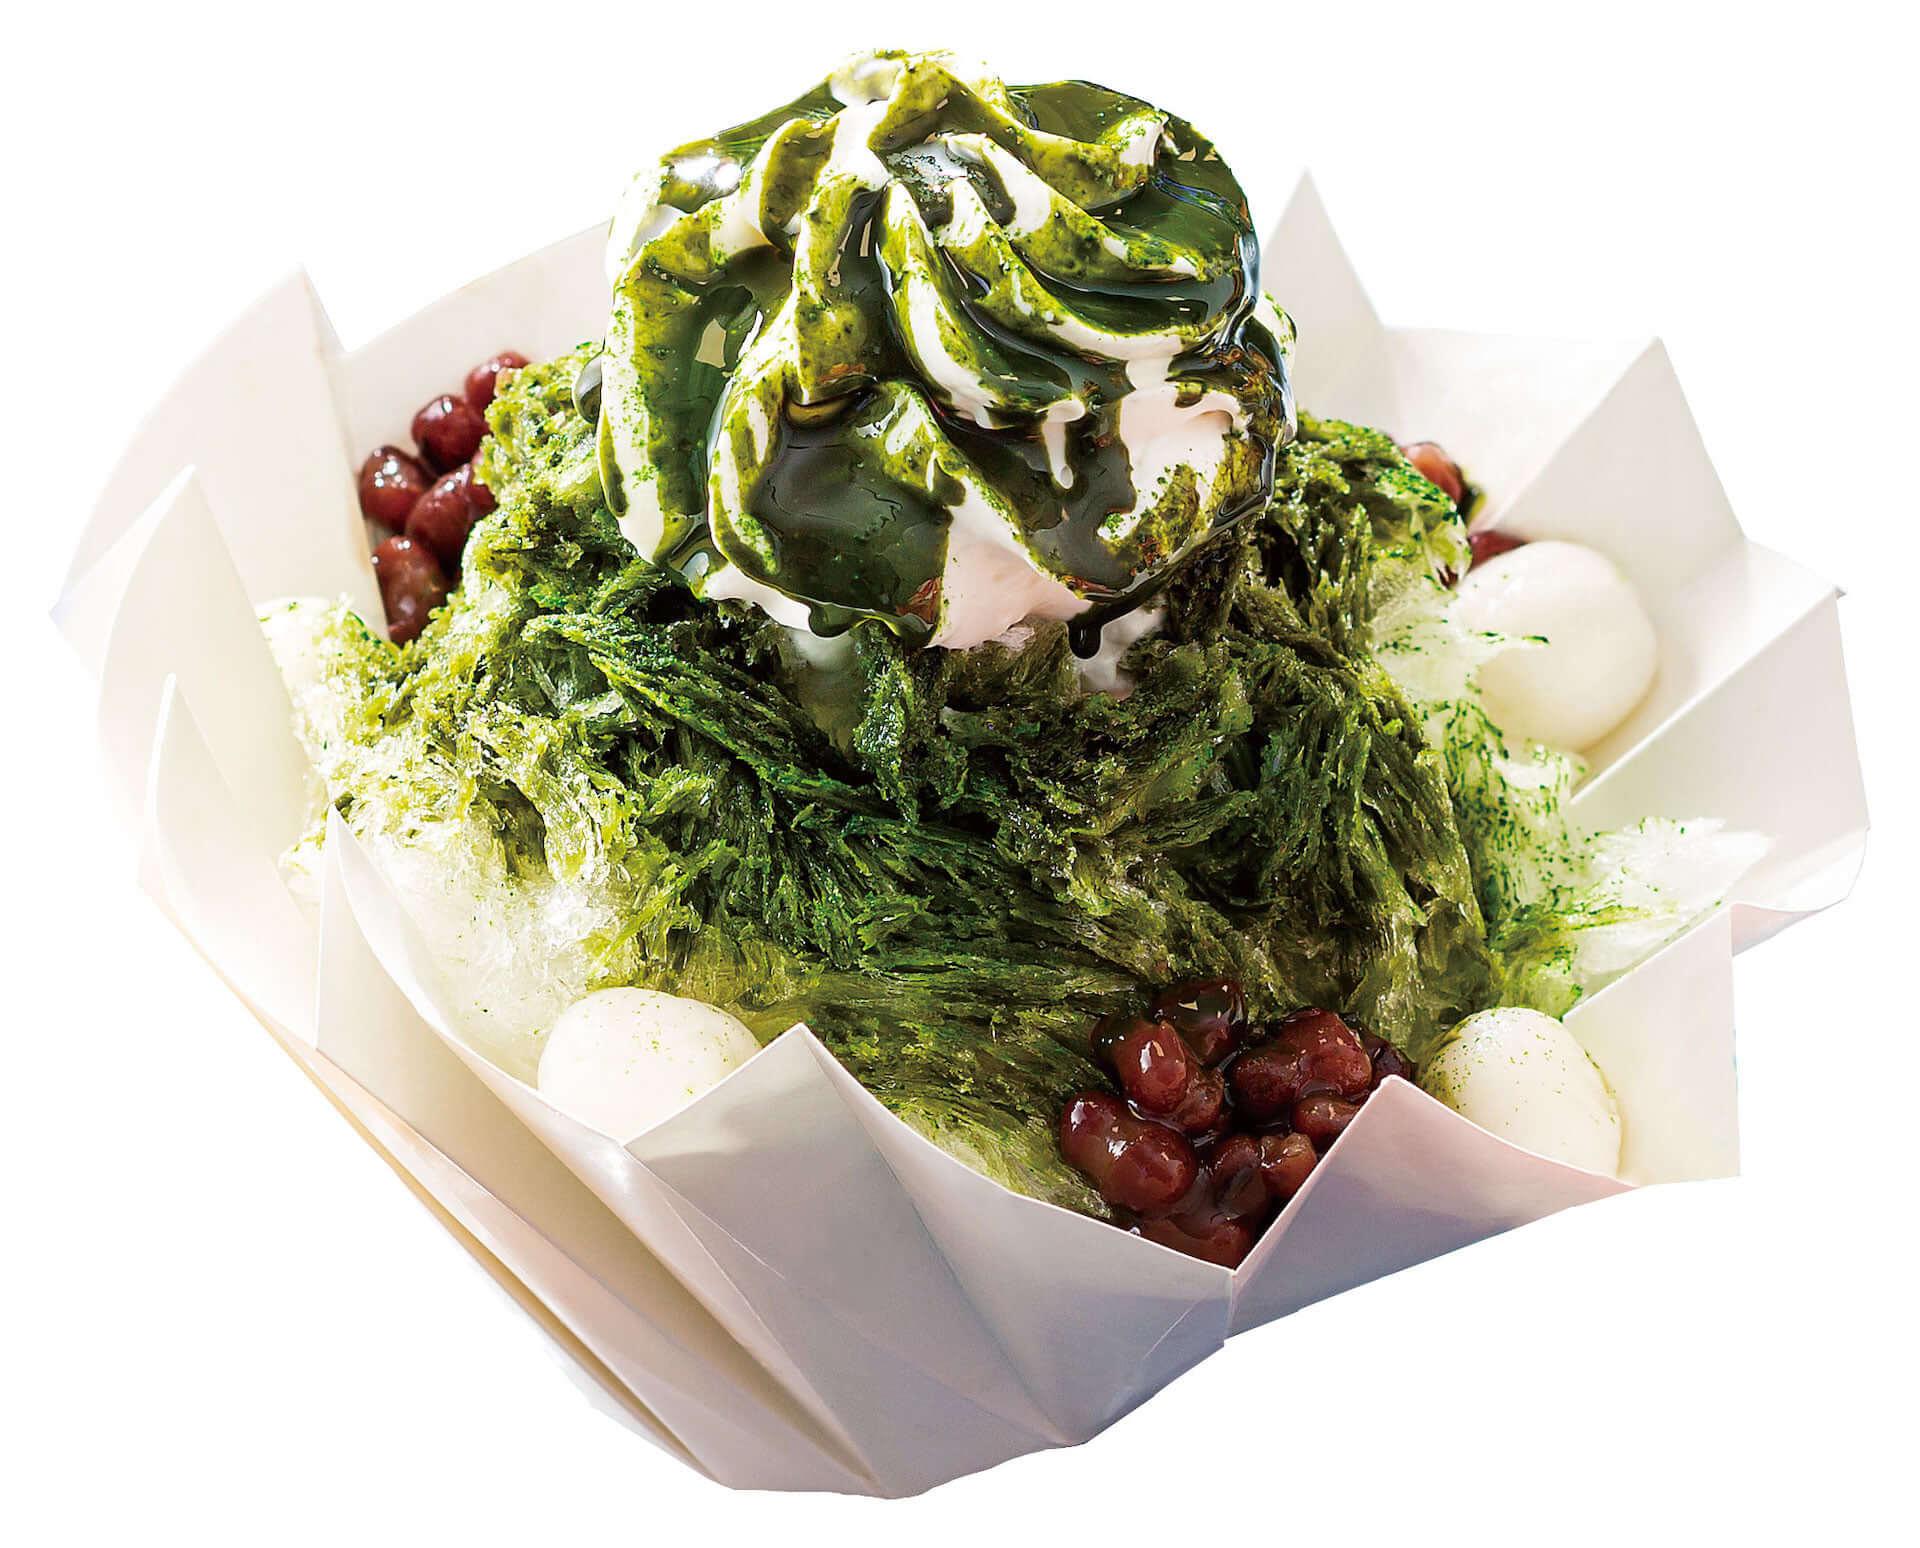 ヨックモック青山店に日本に7軒しかない氷職人の氷を使ったかき氷が登場!「苺」と「抹茶小豆」の2種類 gourmet190620yokumoku-kakigori_2-1920x1548